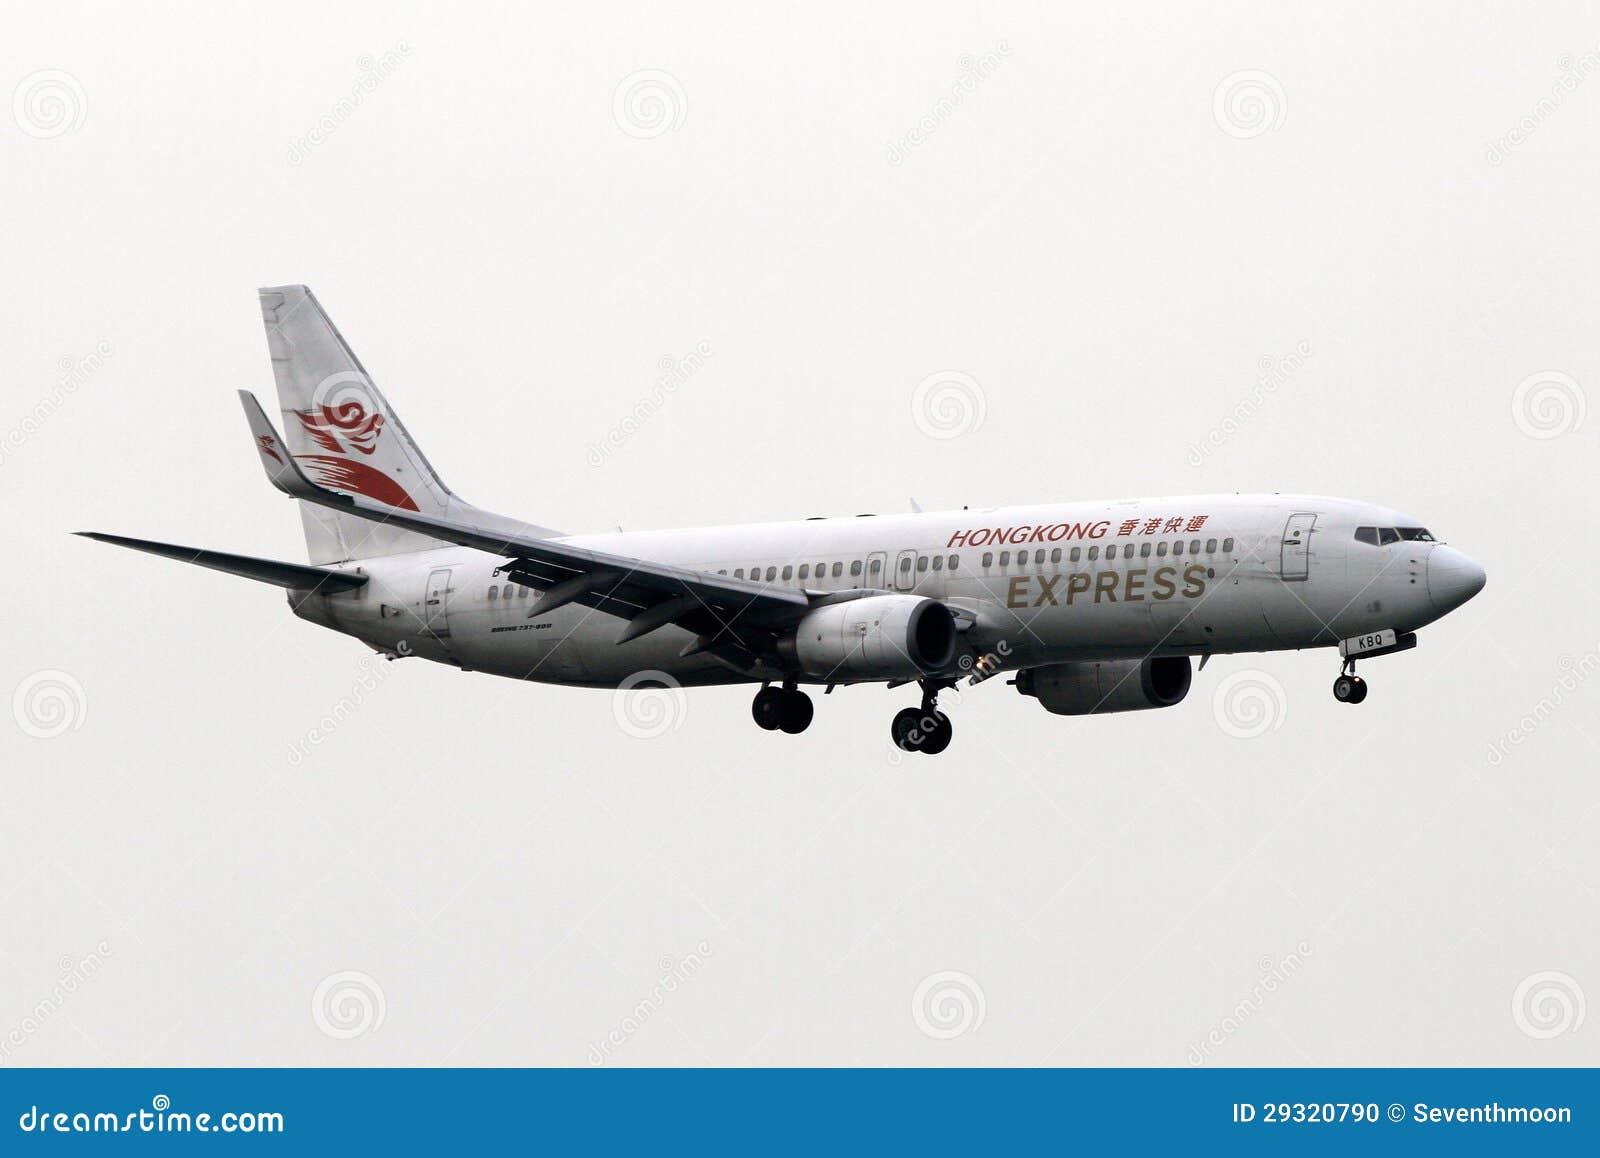 Hong Kong Express Airlines